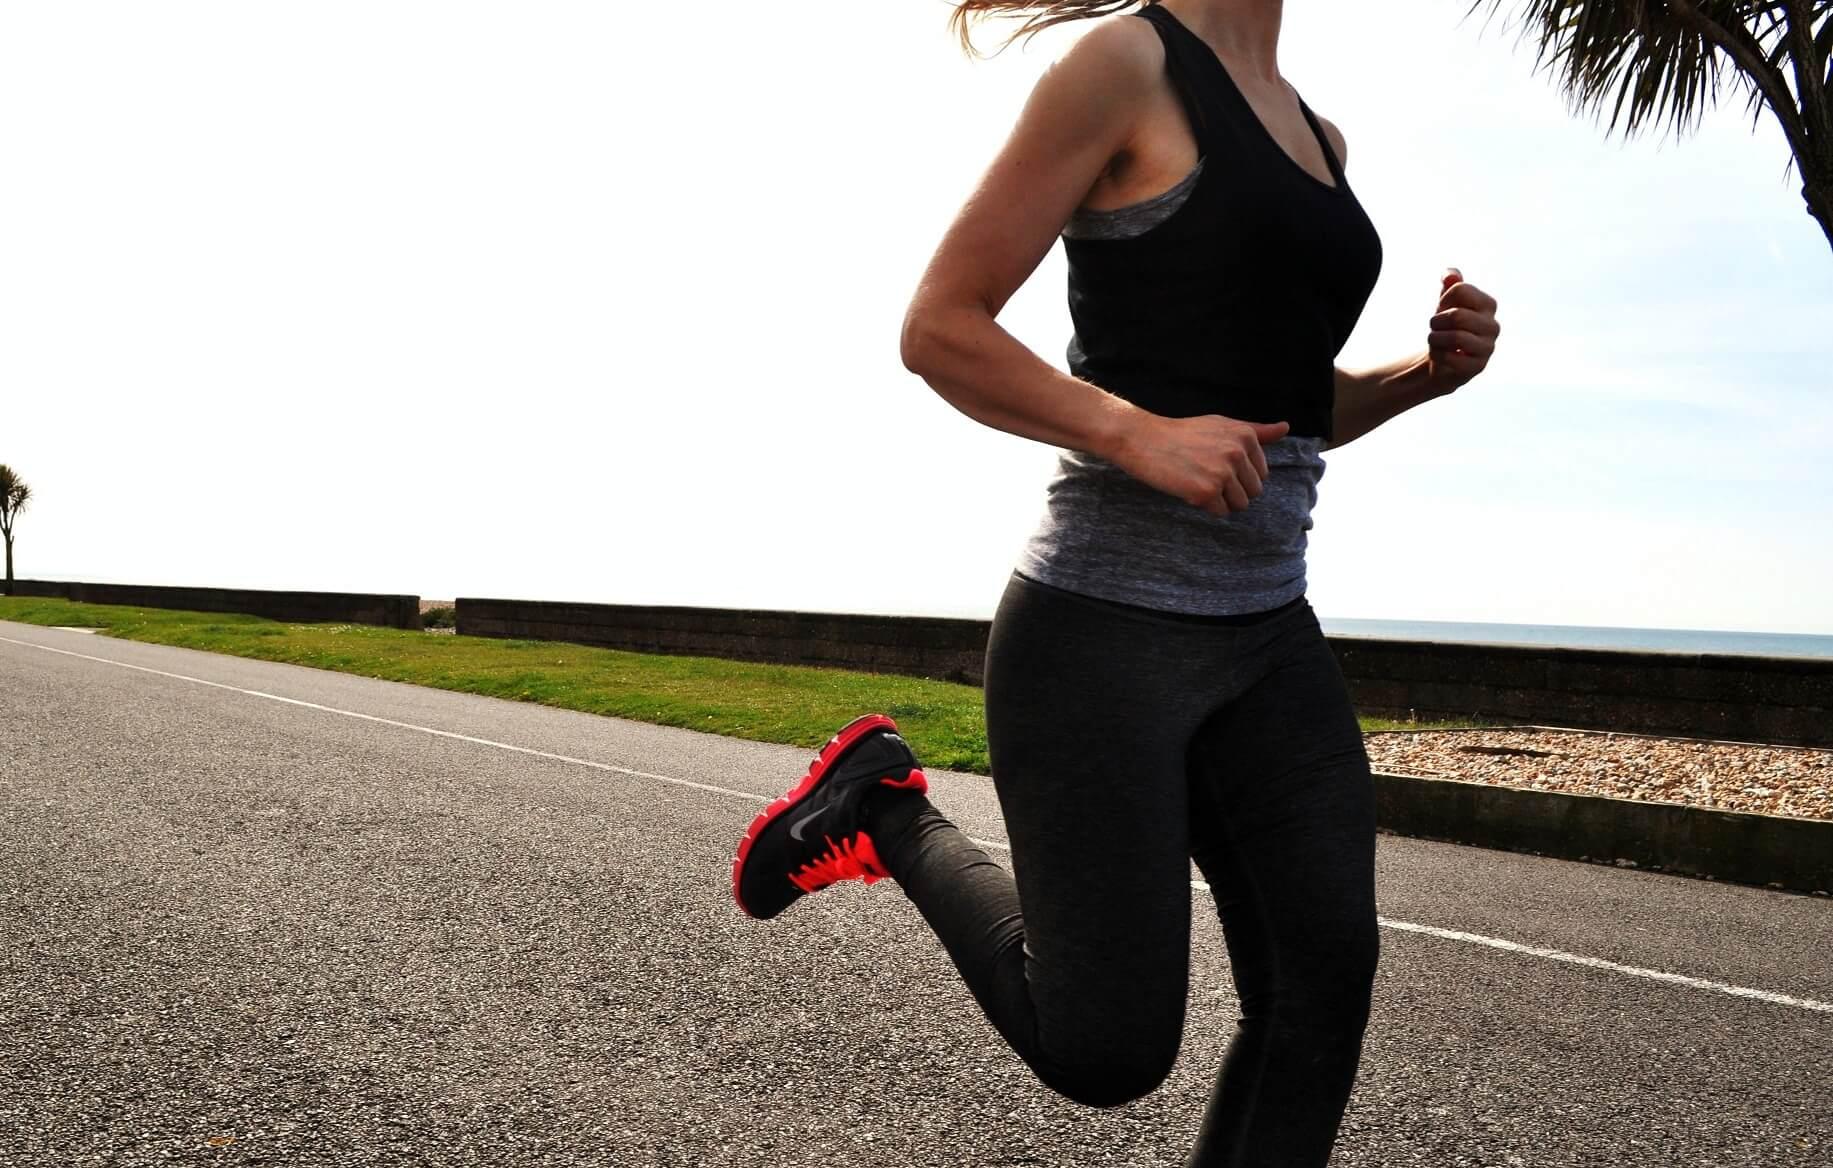 Похудеть Бег Утрам. Бегаем на результат или бег для похудения по утрам